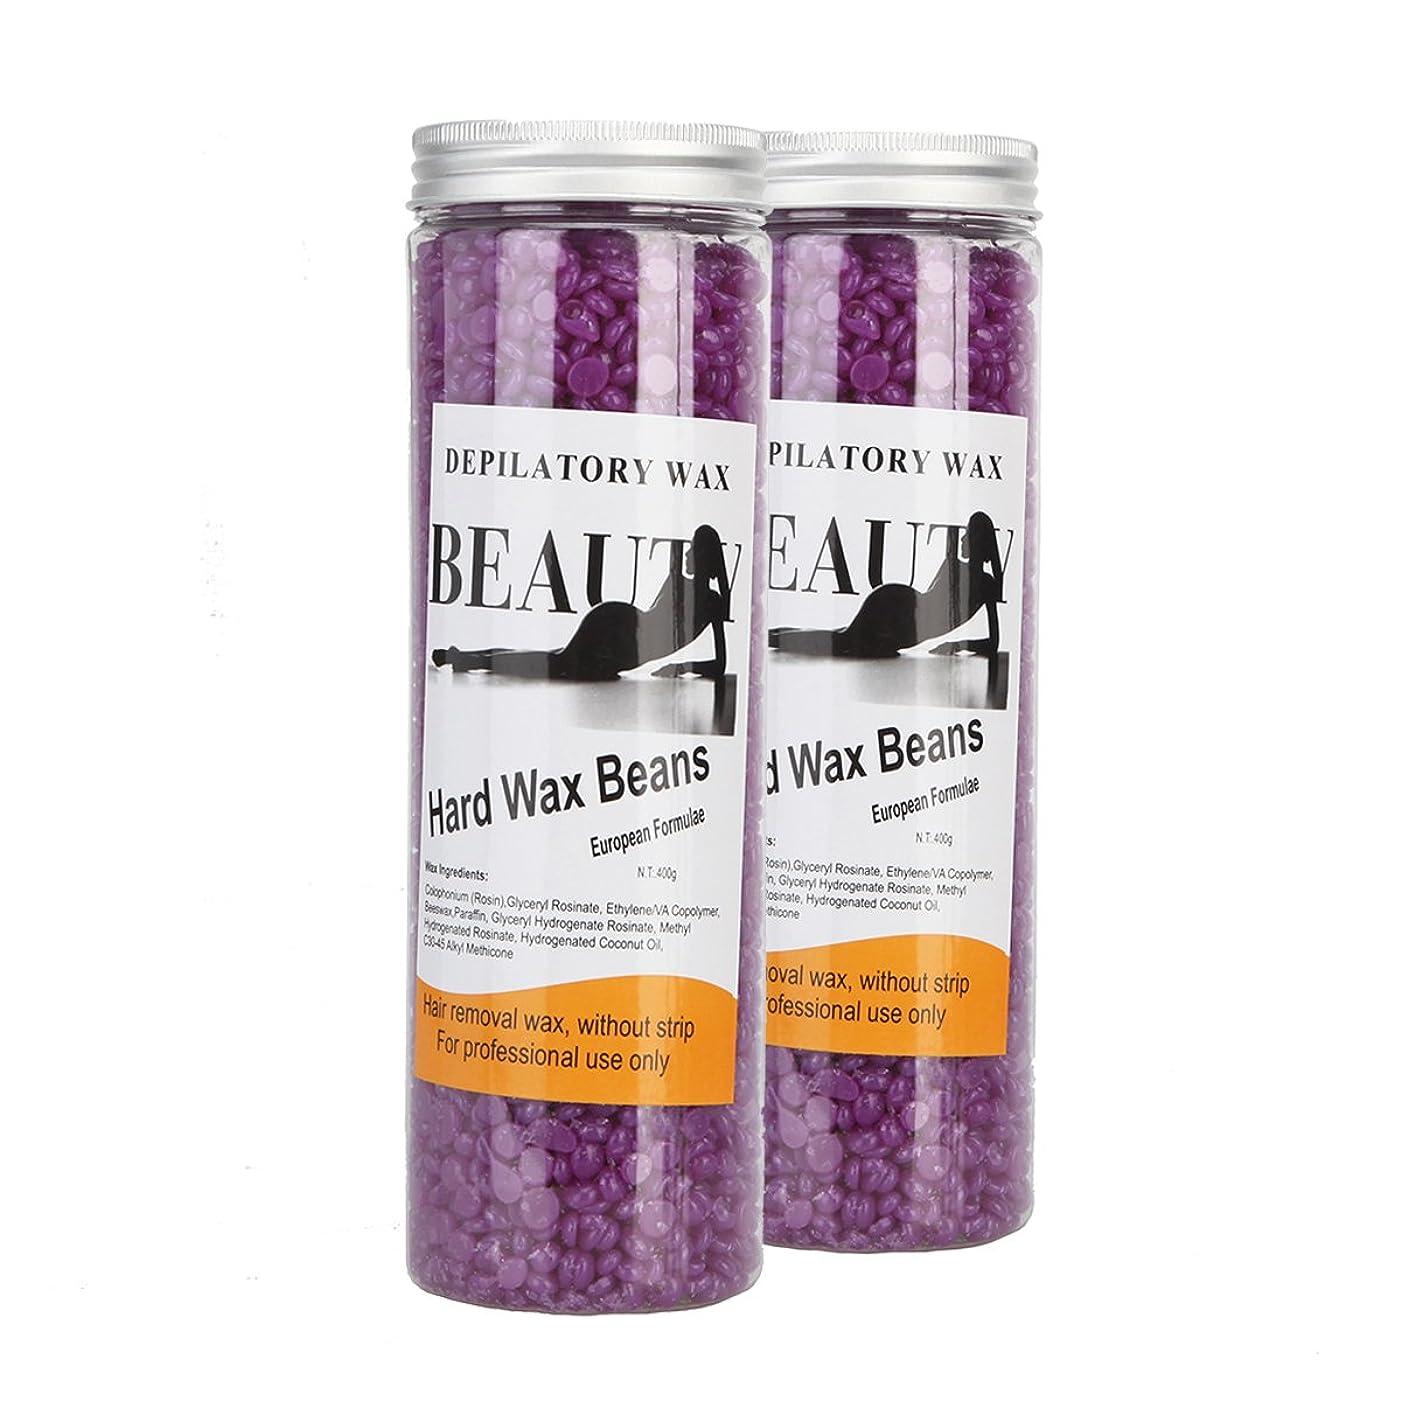 まっすぐアリスレンチ(アーニェメイ)Bonjanvye ワックス脱毛 キット 400g 2缶 脱毛ワックス ハード ブラジリアンワックス ハード 粒-バイオレット